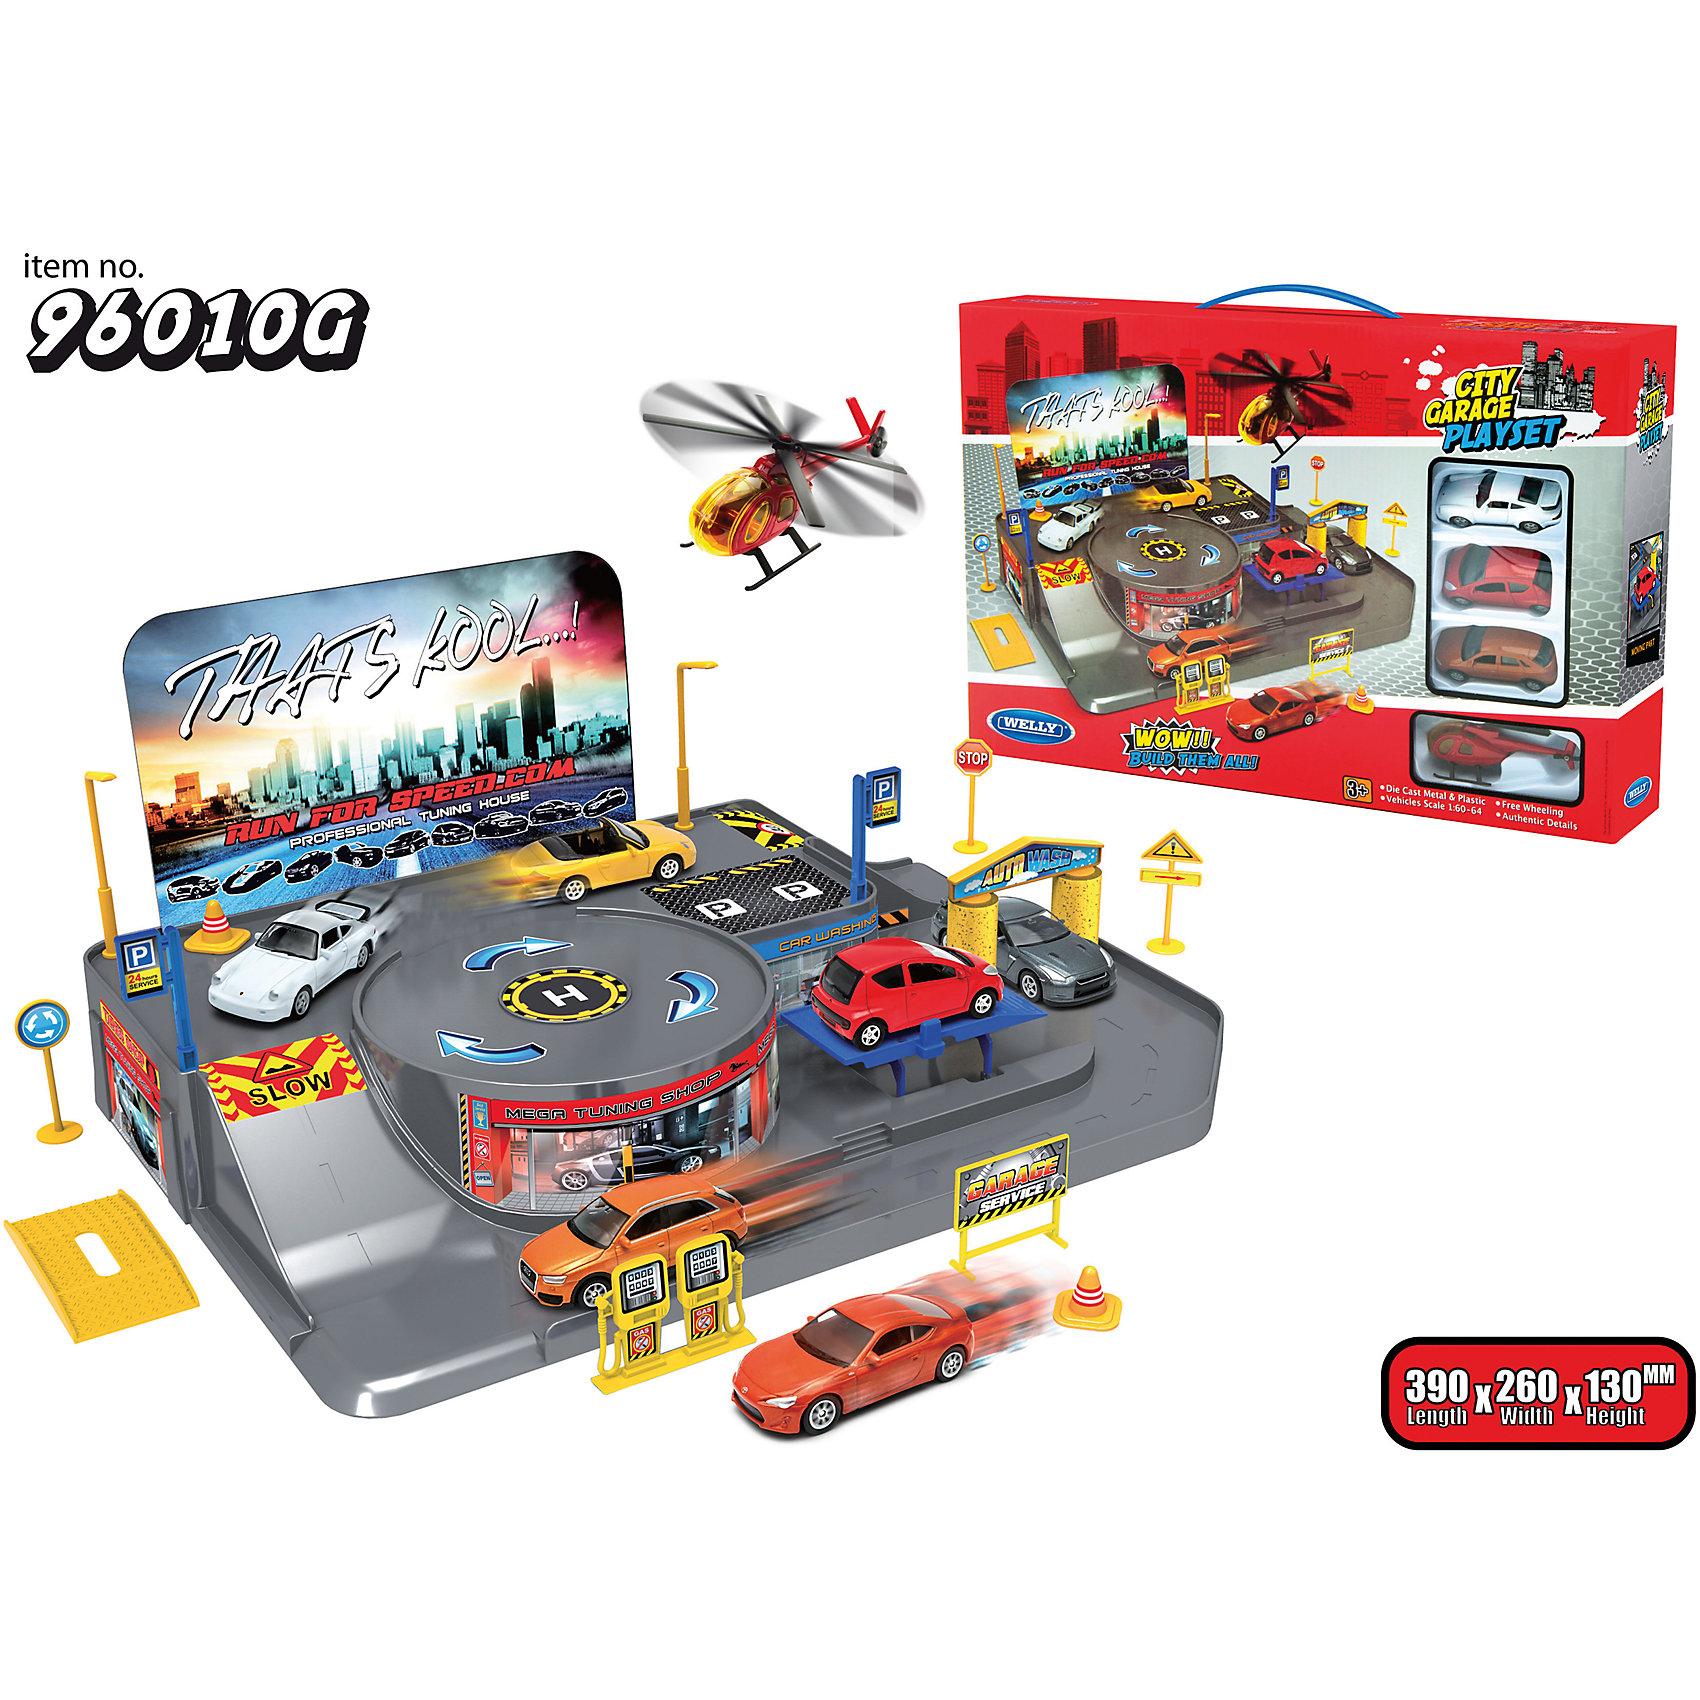 Игровой набор Гараж, 3 машины и вертолет, WellyПарковки и гаражи<br>Характеристики:<br><br>• комплектация: детали для сборки гаража, 3 машинки, вертолет;<br>• аксессуары: дорожные знаки, пандусы, фонари;<br>• материал: металл, пластик;<br>• размер упаковки: 41х27х8 см;<br>• вес: 966 г.<br><br>Двухуровневый гараж для машинок оборудован дополнительно вертолетной площадкой. Водители машинок могут оставлять свои транспортные средства на парковке. Металлические машинки прочные, устойчивы к ударам. У вертолетика вращается пропеллер. Сюжетно-ролевая игра развивает фантазию ребенка, обогащает словарный запас ребенка, позволяет обыгрывать различные ситуации.<br><br>Игровой набор Гараж, 3 машины и вертолет, Welly можно купить в нашем магазине.<br><br>Ширина мм: 410<br>Глубина мм: 270<br>Высота мм: 80<br>Вес г: 966<br>Возраст от месяцев: 36<br>Возраст до месяцев: 2147483647<br>Пол: Мужской<br>Возраст: Детский<br>SKU: 5298036